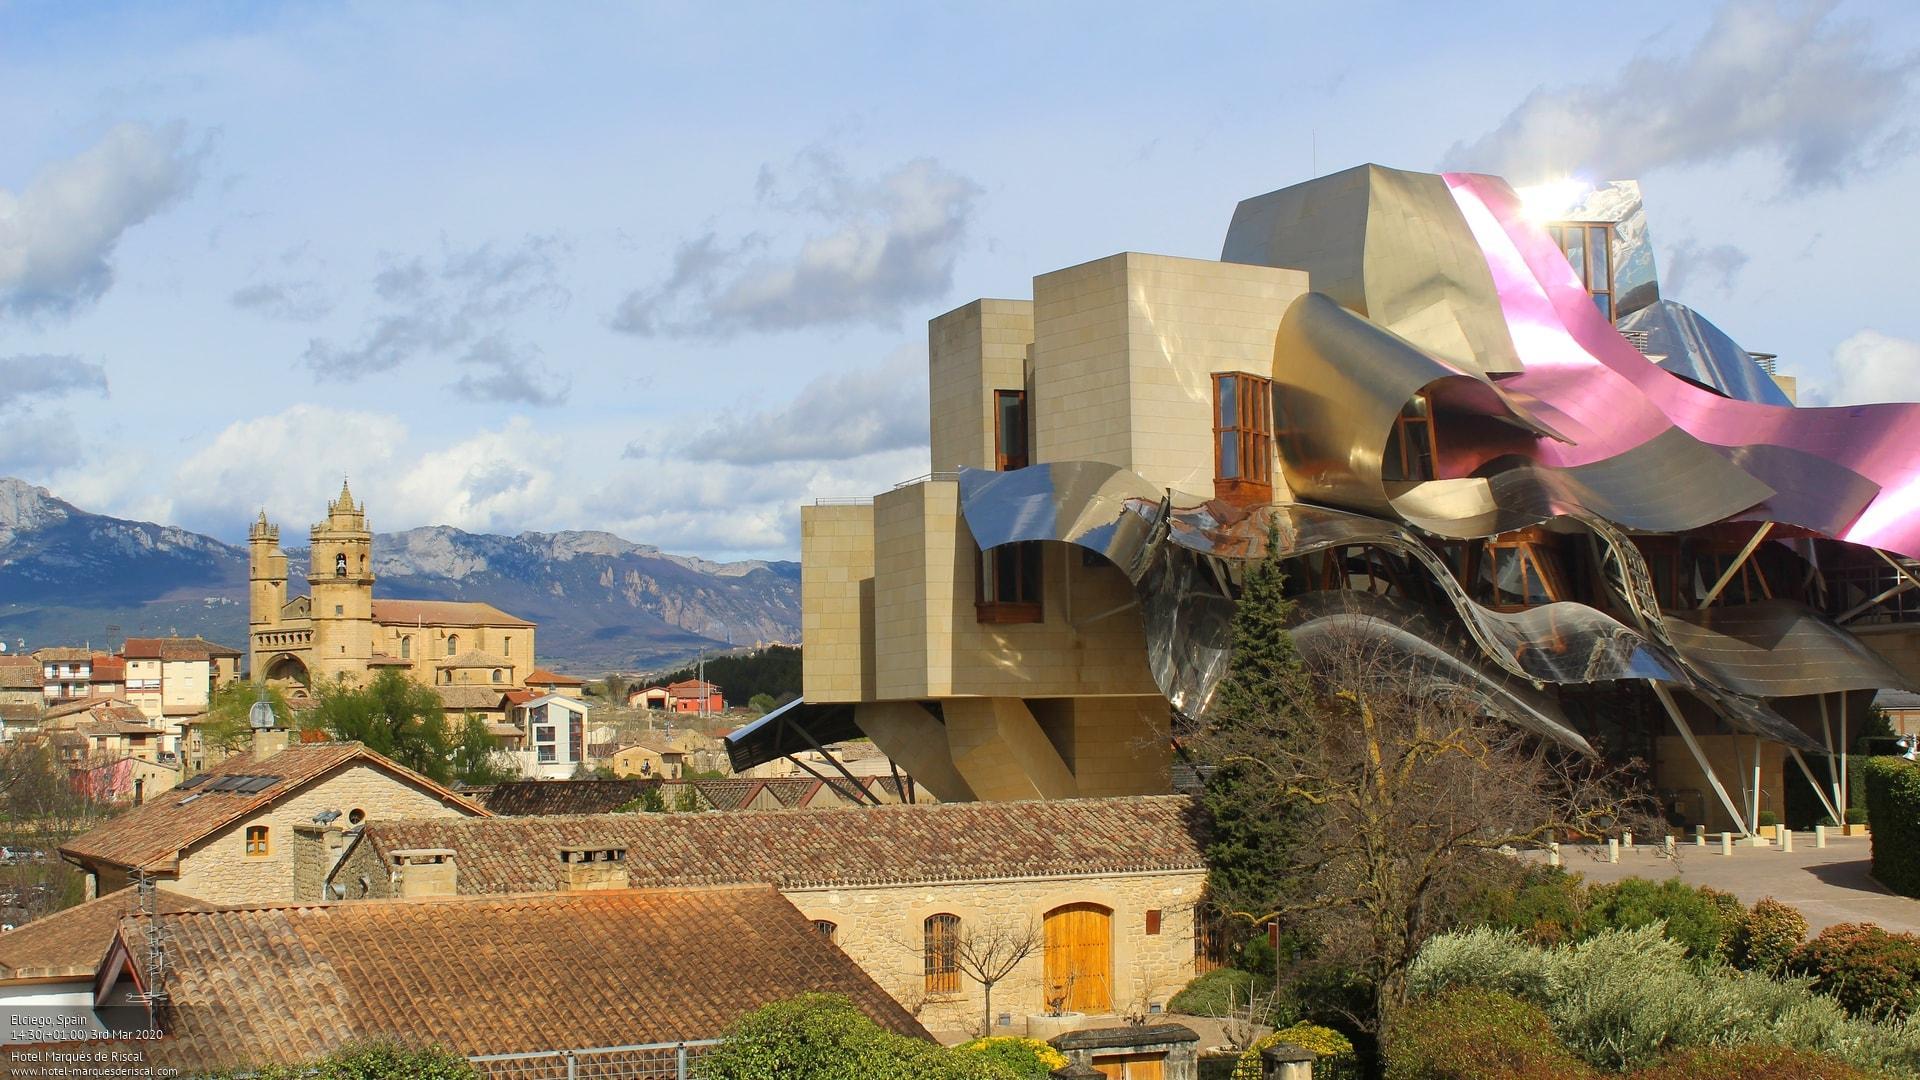 Webkamera Elciego: Hotel Marqués de Riscal